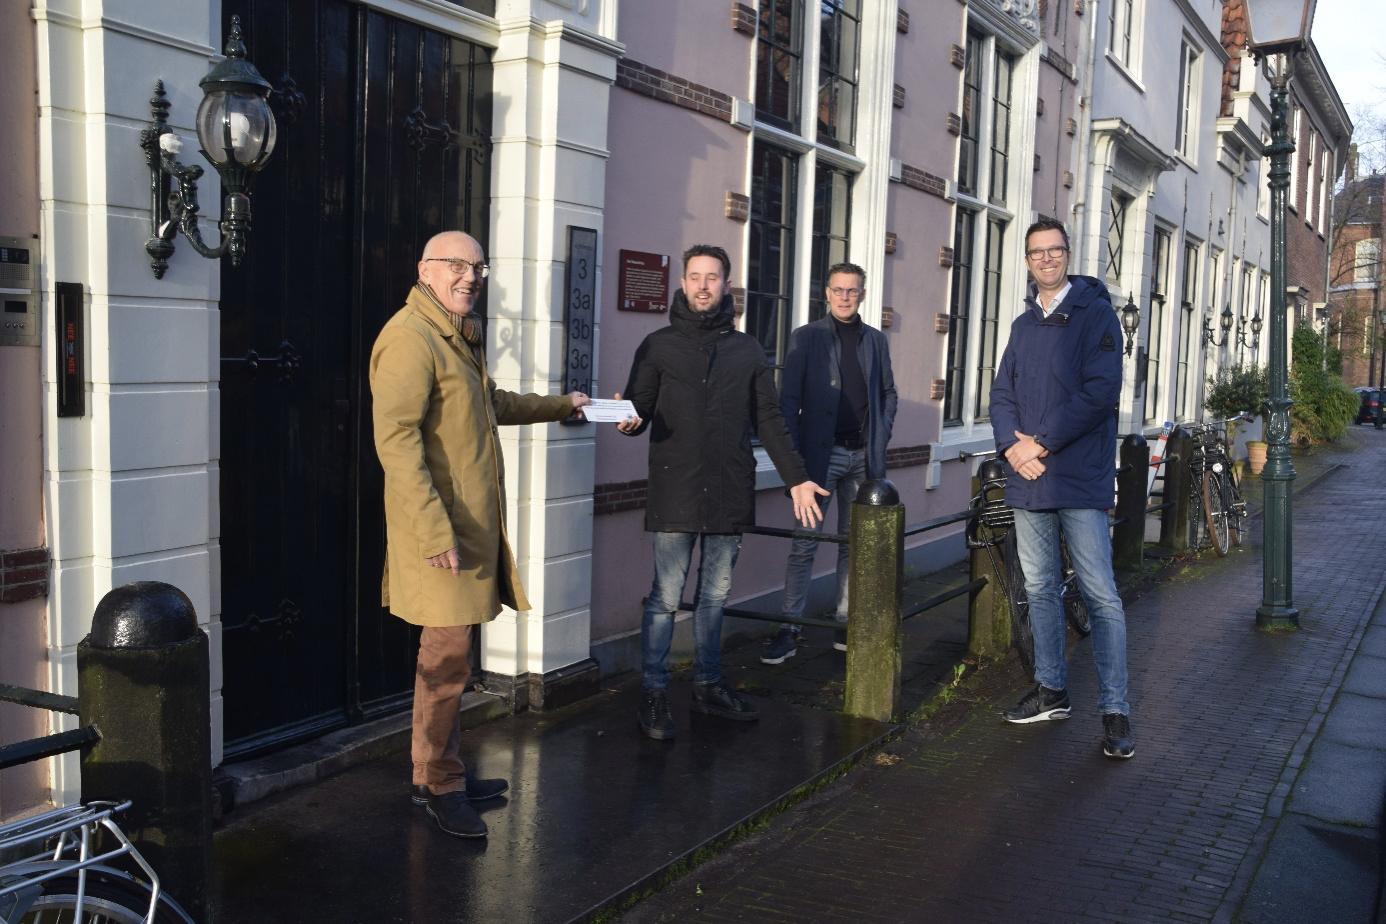 Huis met de drie Egeltjes krijgt monumentenprijs Oud Hoorn